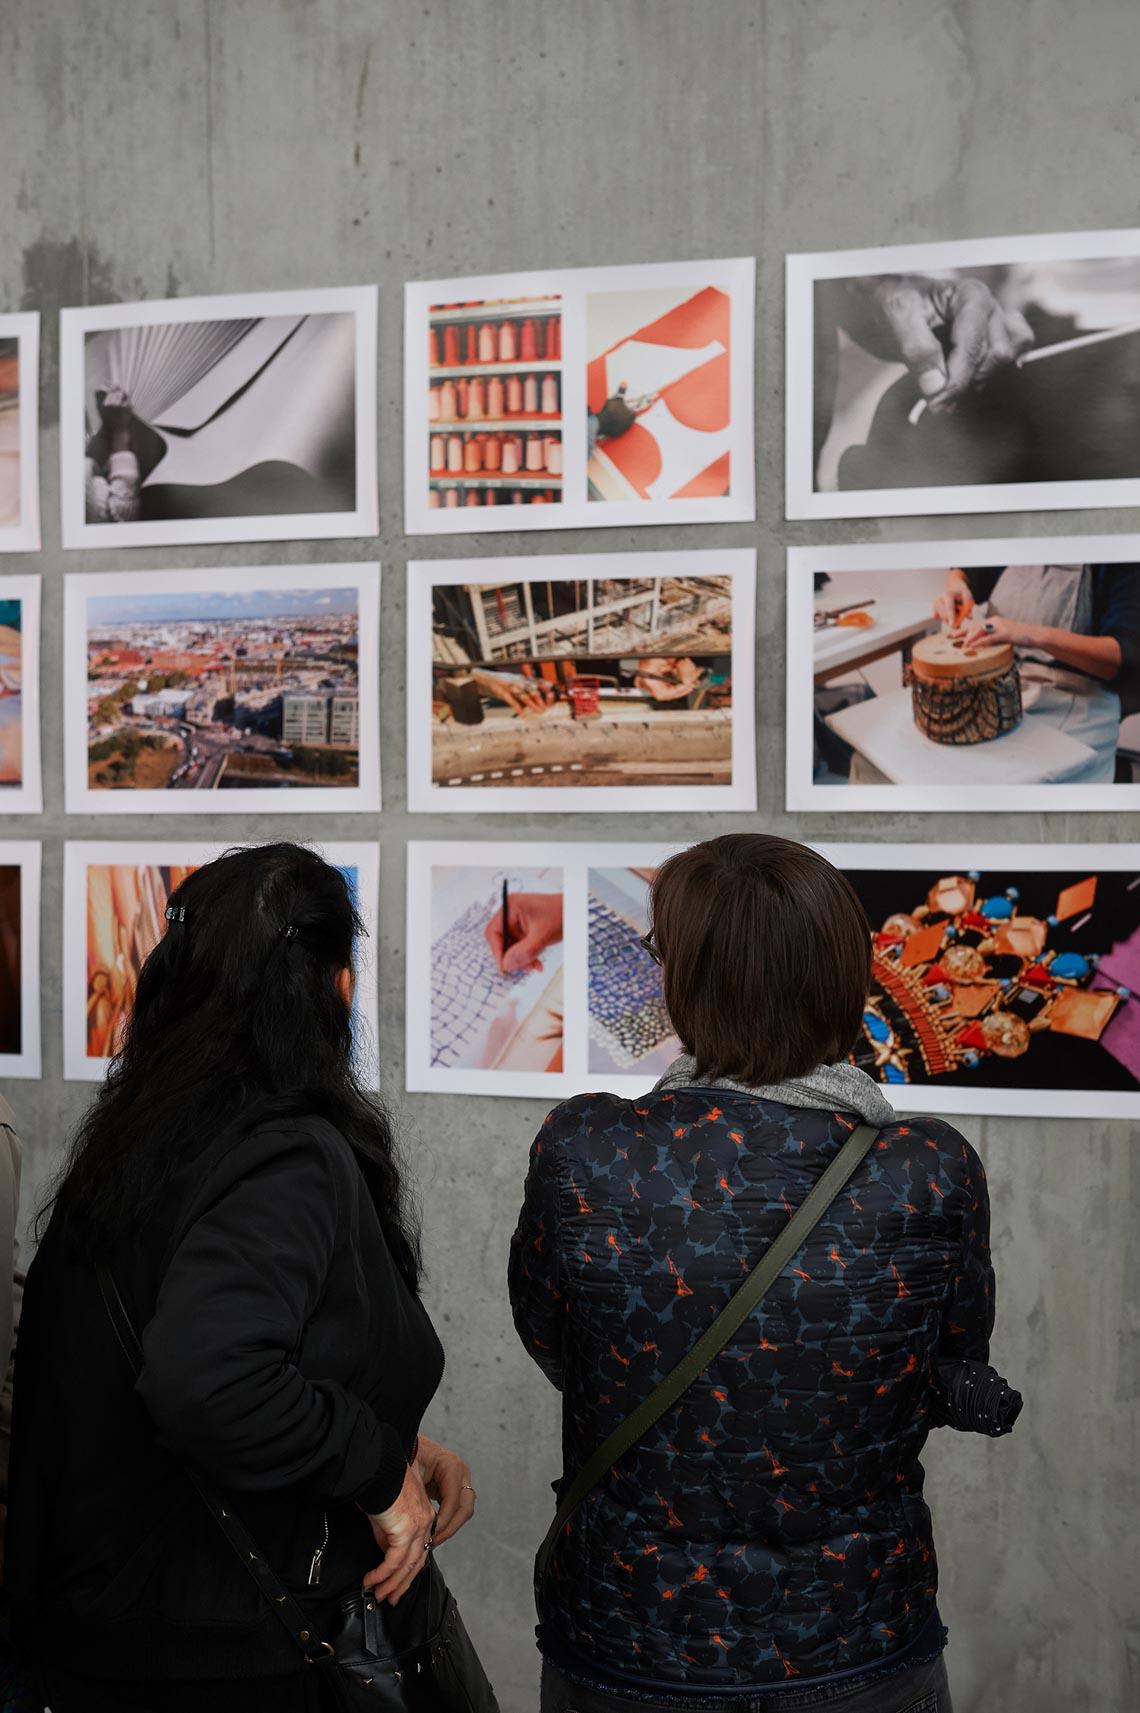 Chanel tiết lộ về Le 19M, trụ sở mới của Métiers d'Art - 3